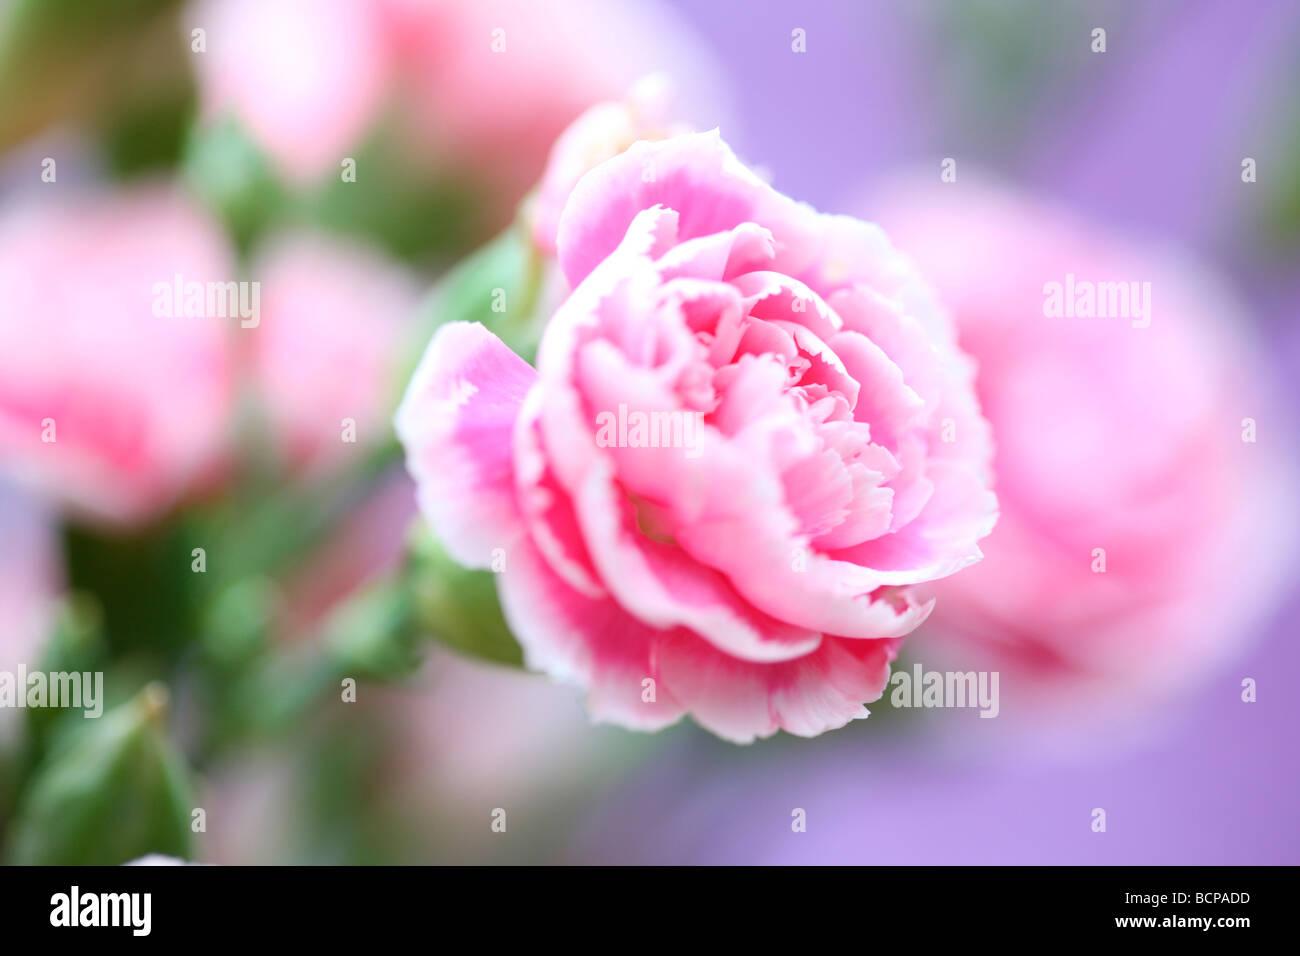 Claveles Rosas sobre un fondo de color malva fotografía artística Jane Ann Butler Fotografía JABP362 Imagen De Stock